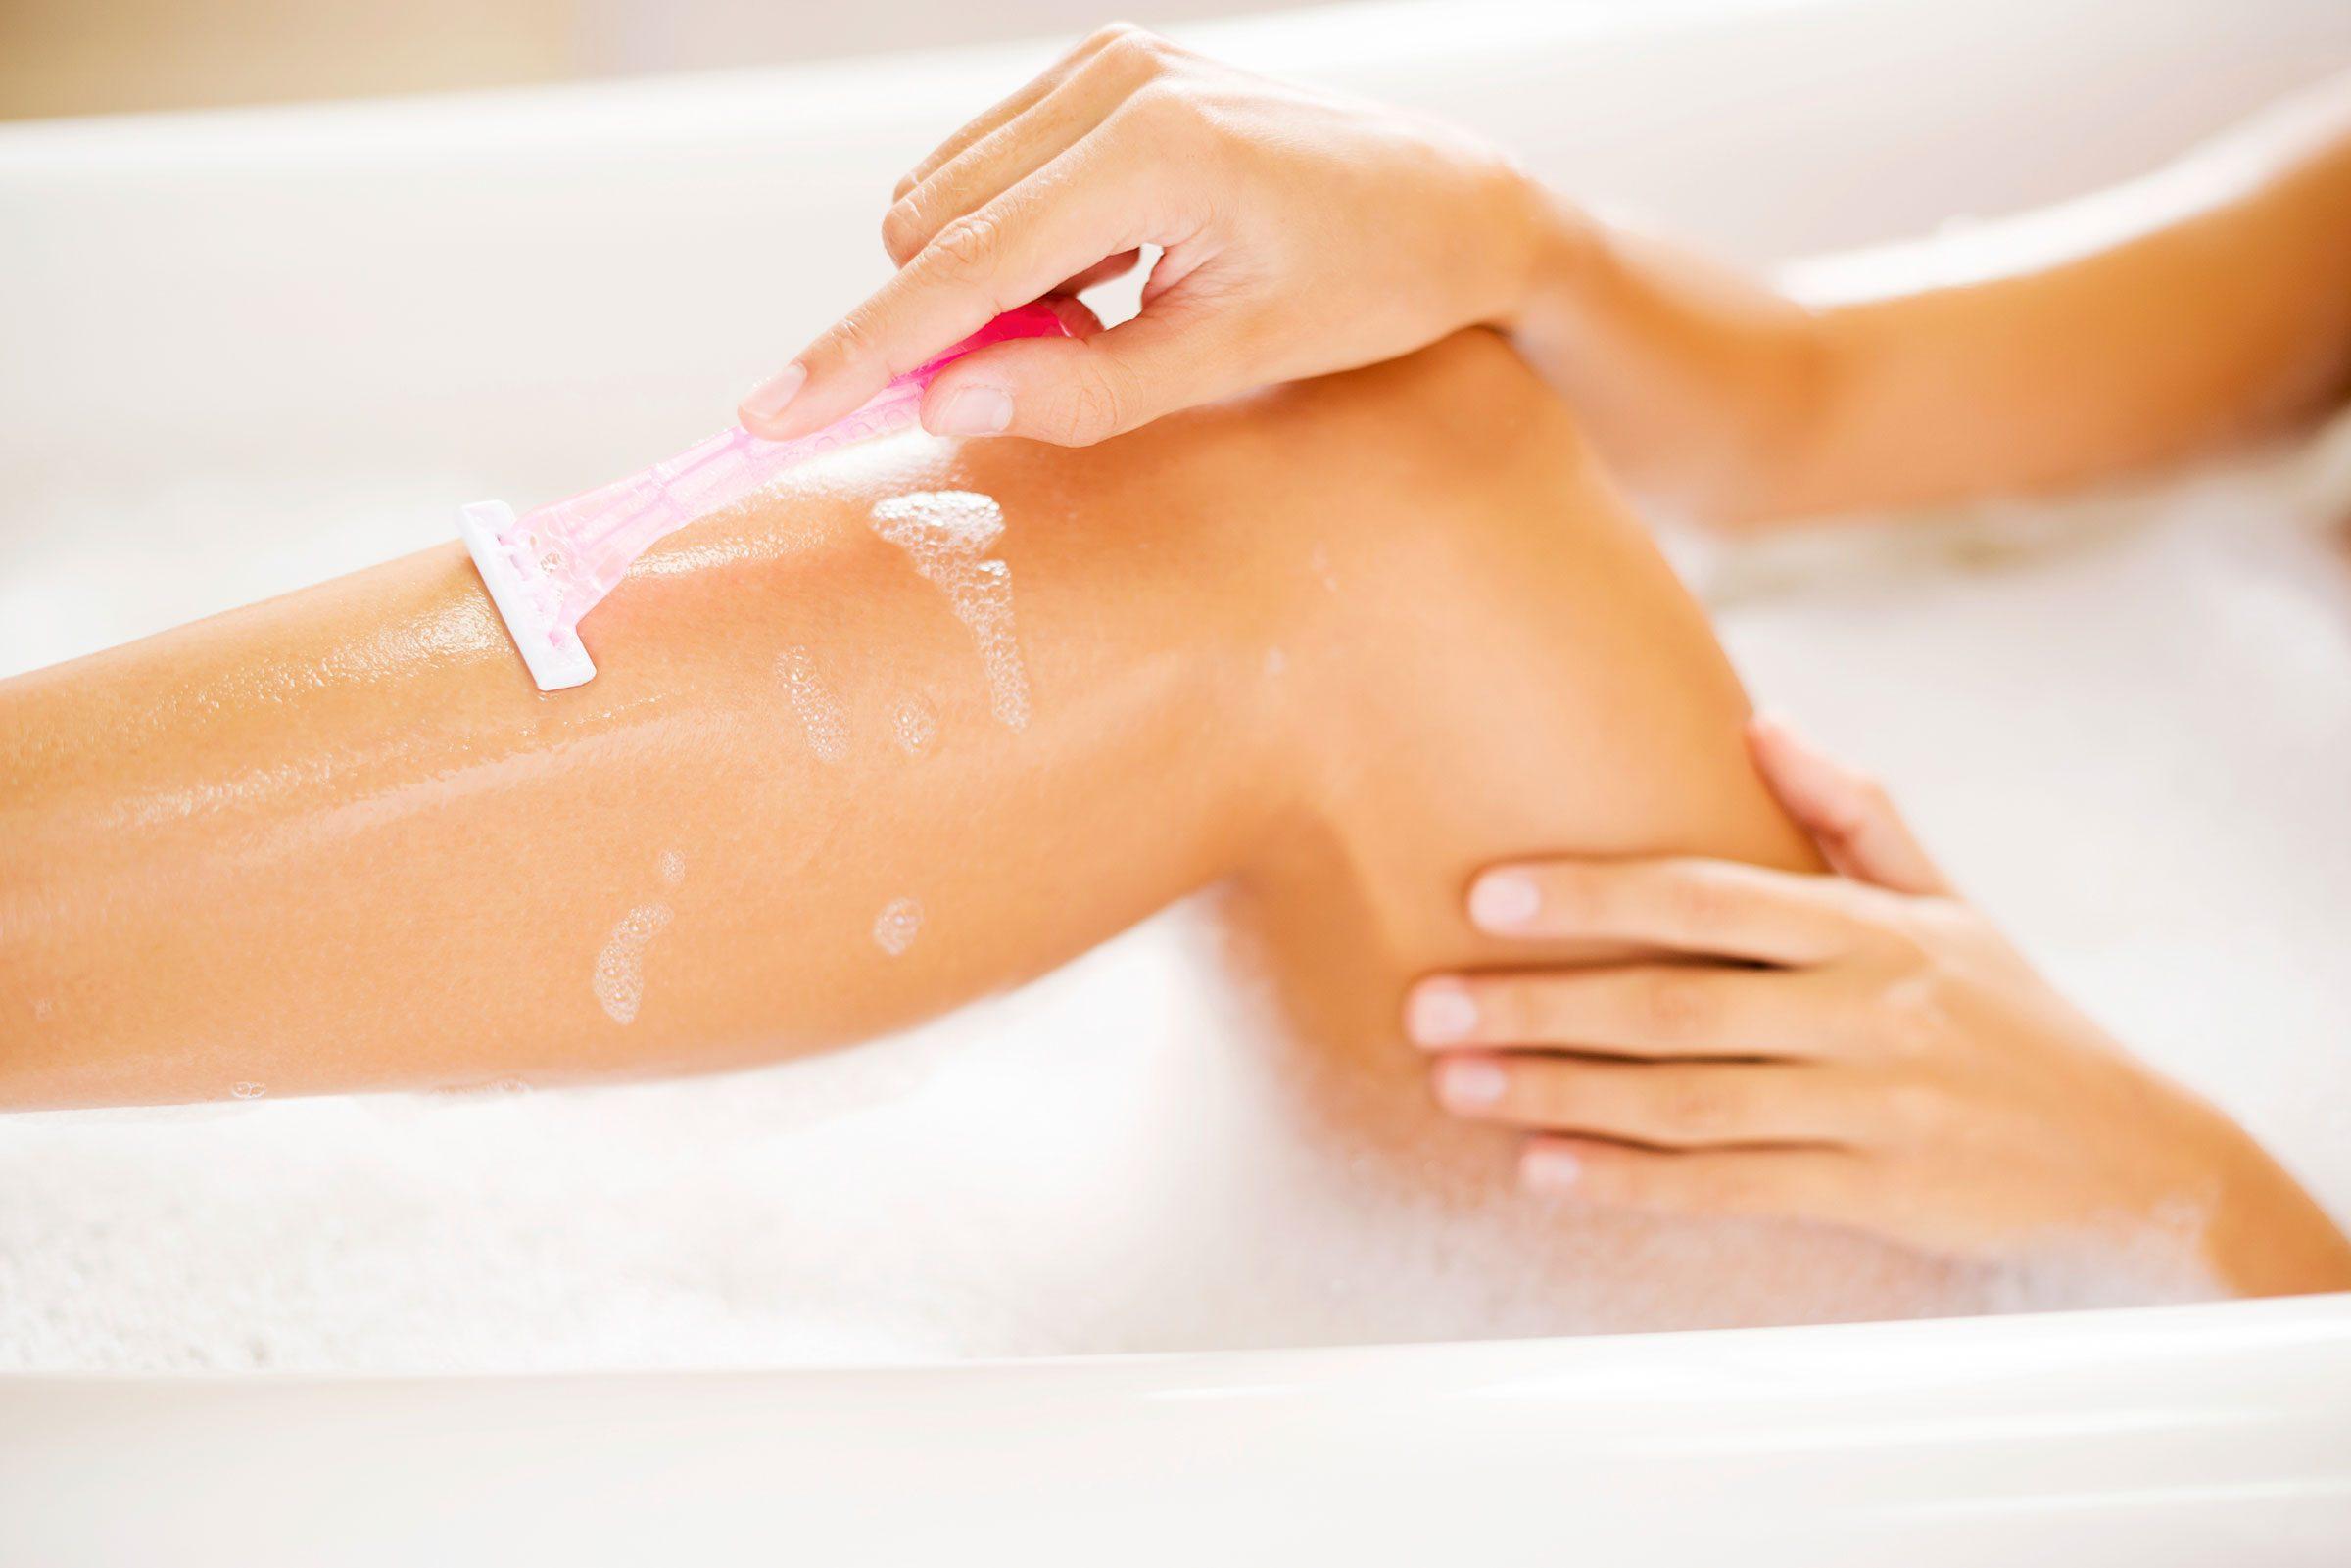 Trop de lames sur votre rasoir peut vous blesser sous la douche.